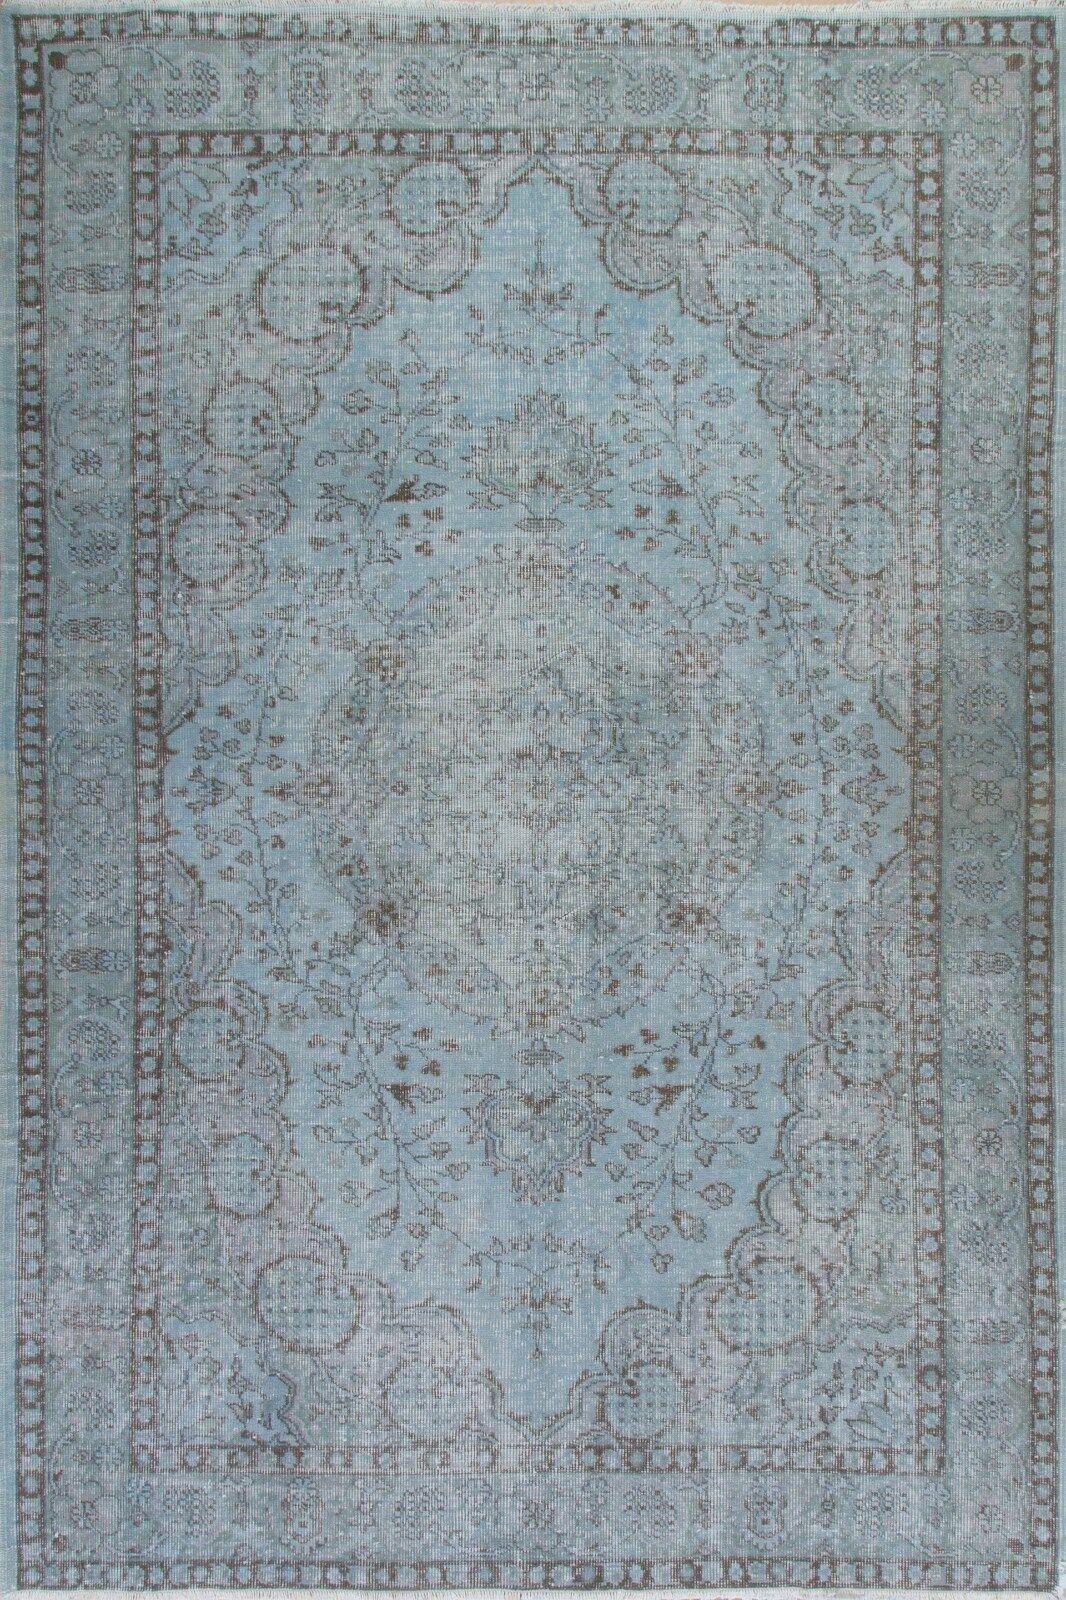 5.5 x8 ft Luz Color Azul Overdyed Vintage Hecho A Mano & turco moderno Alfombra A242